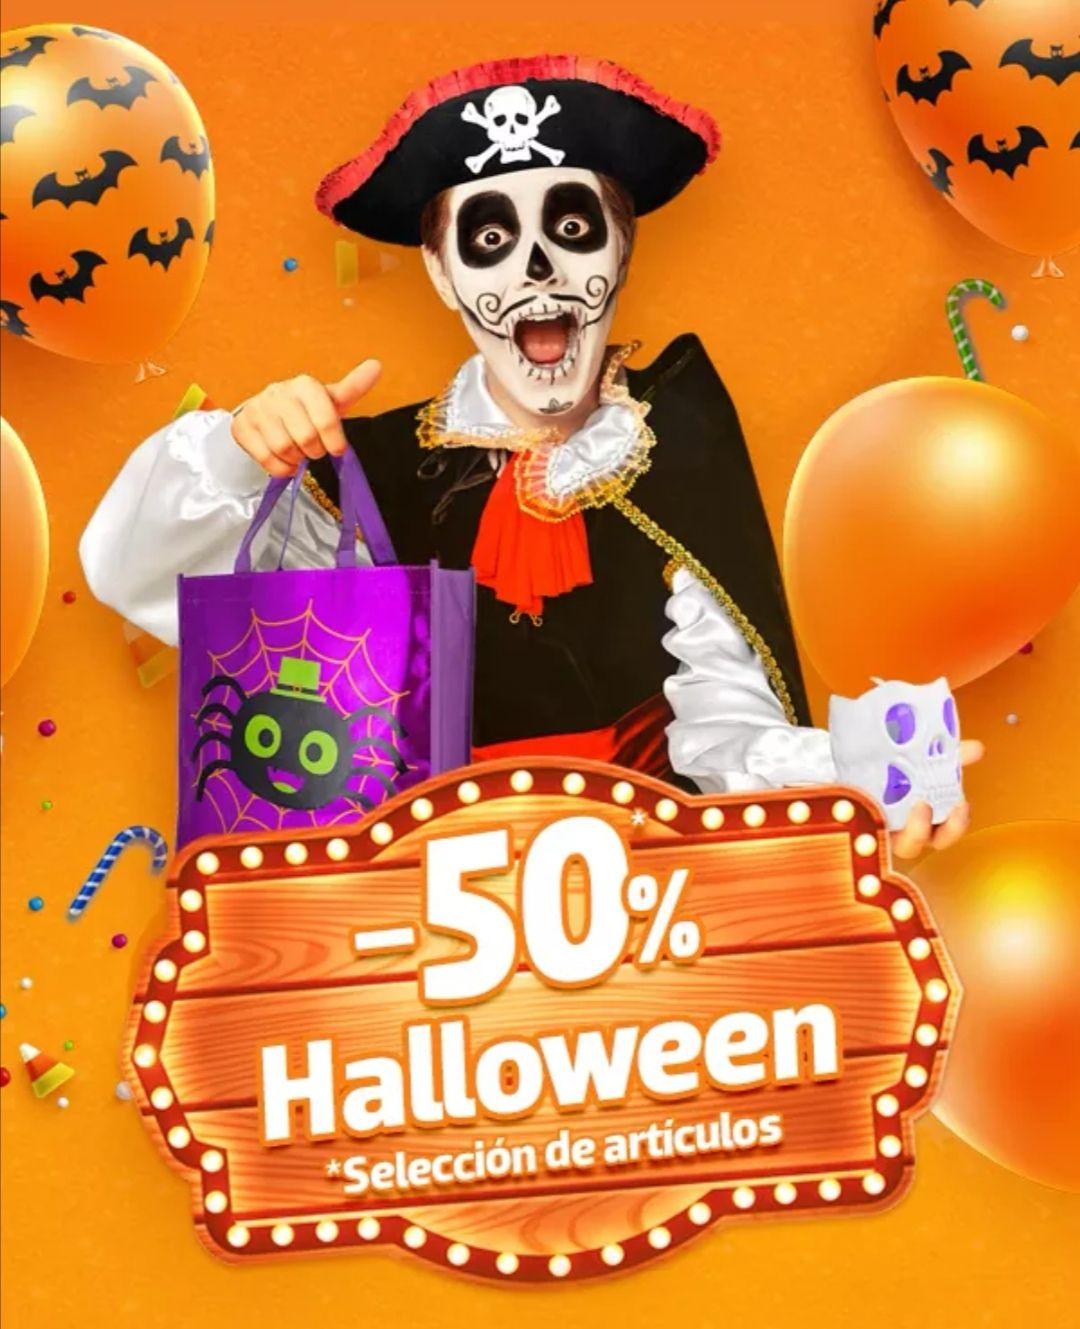 Modatelas: 50% de descuento en selección de artículos de Halloween